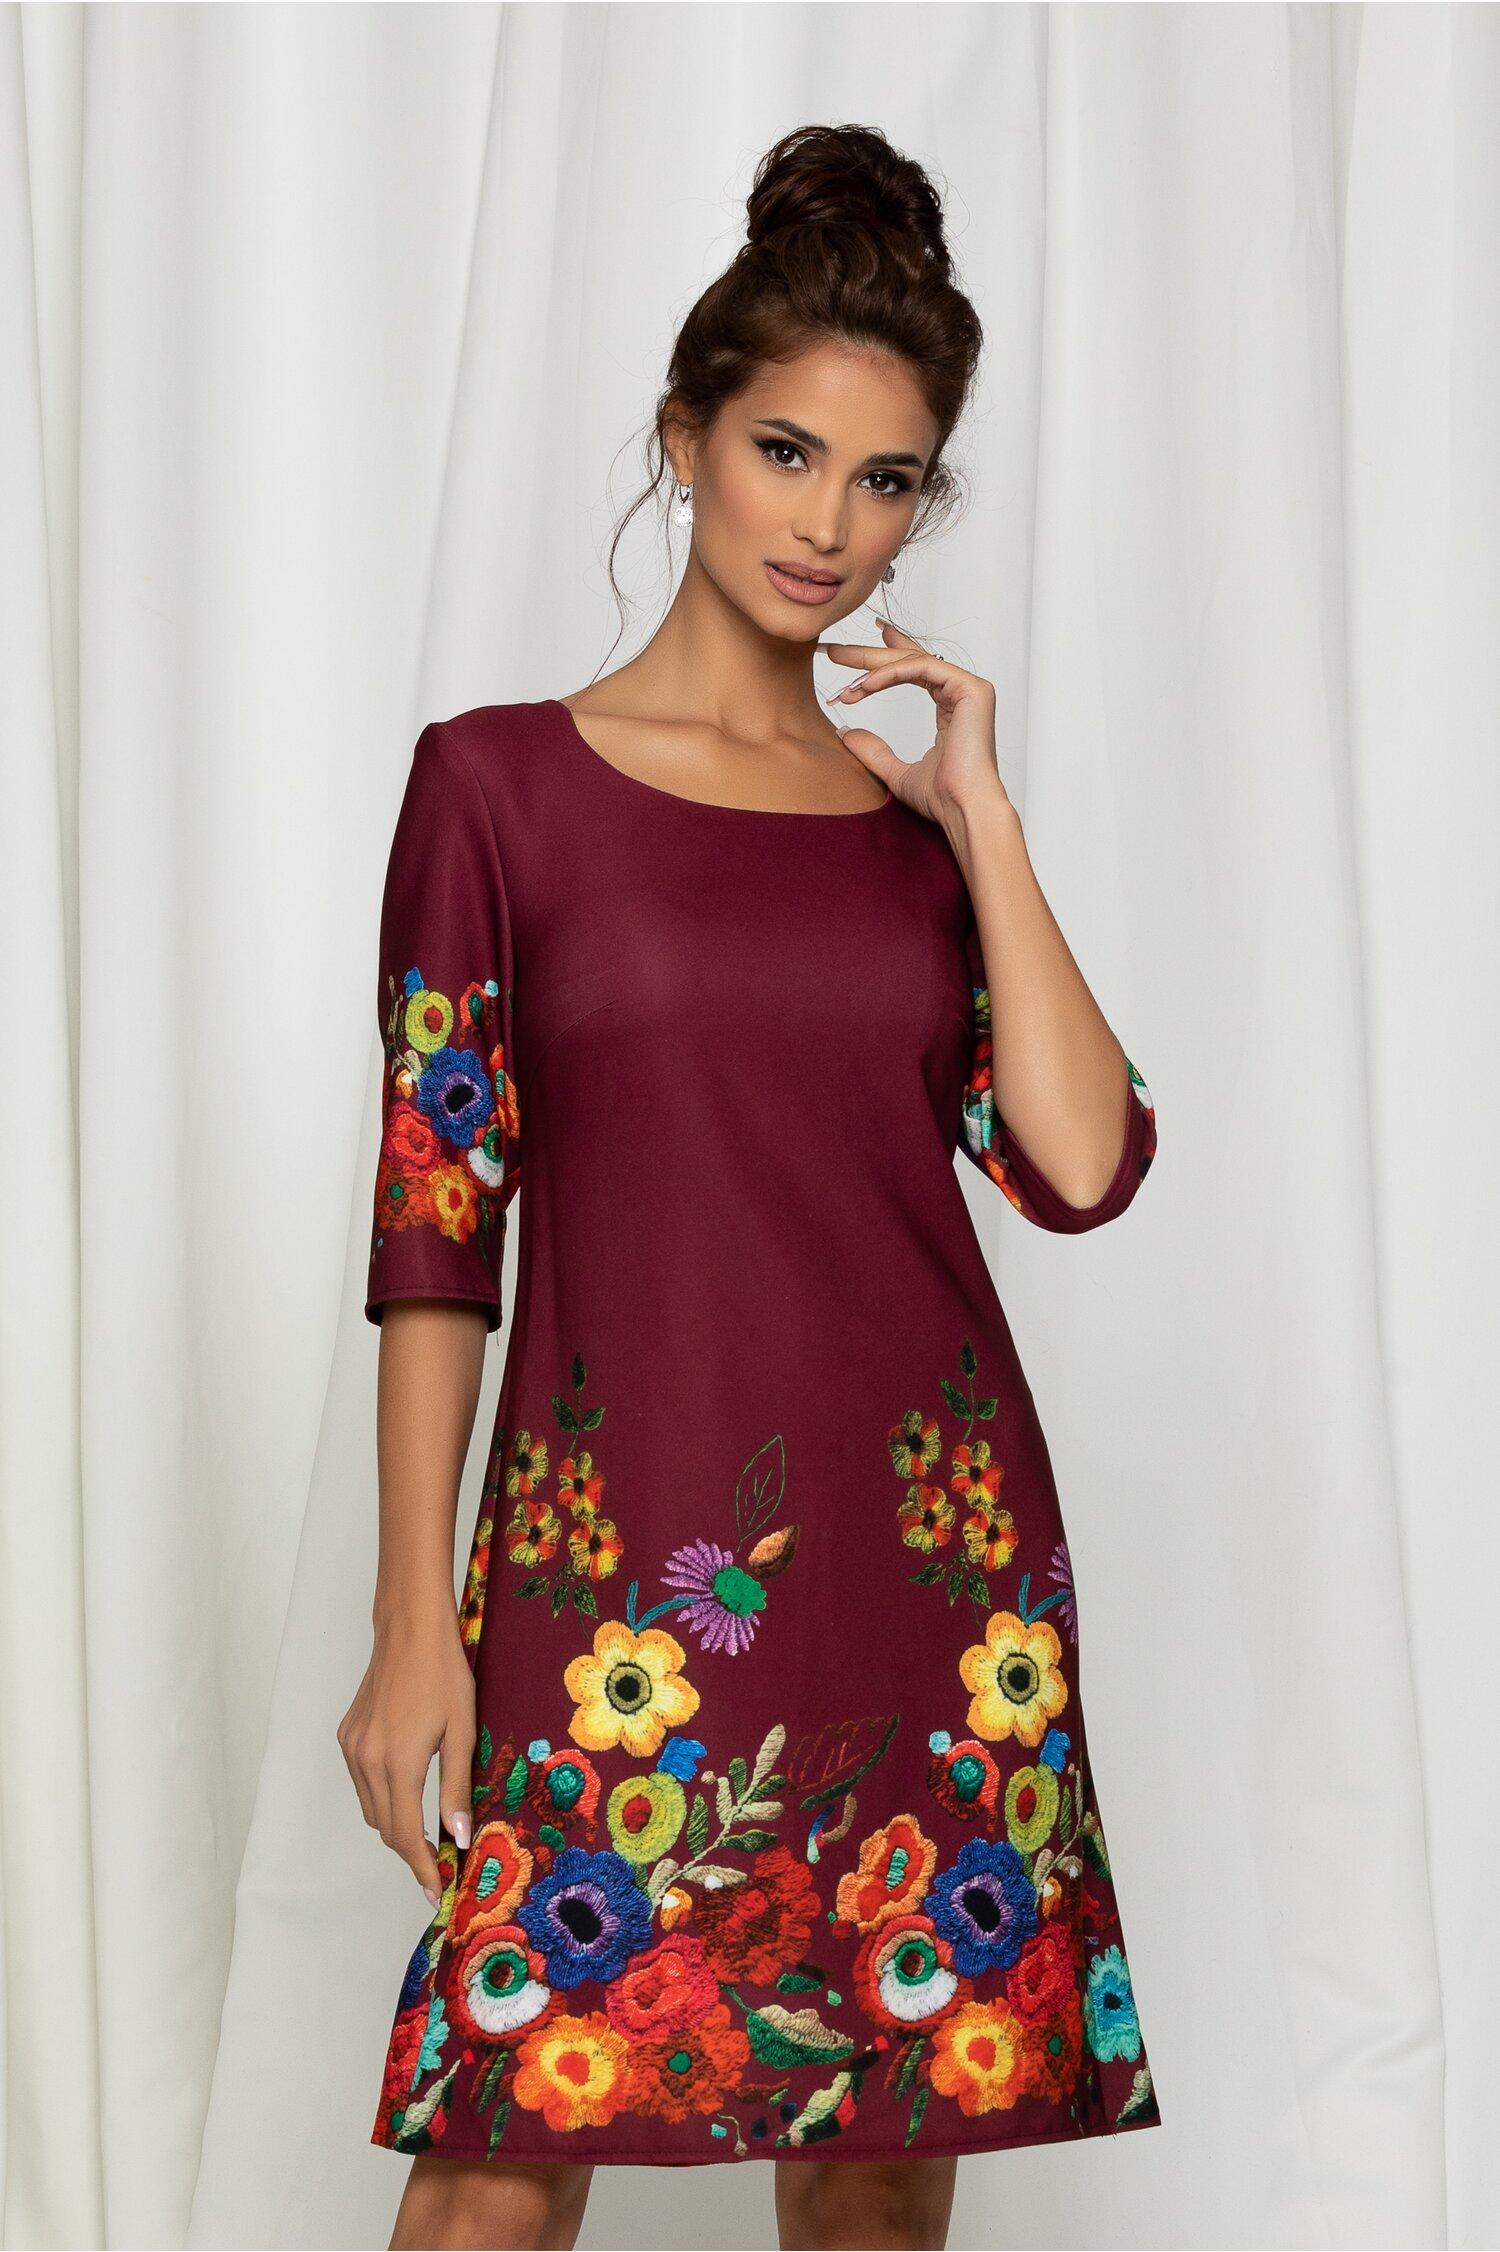 Rochie Mira bordo cu flori colorate